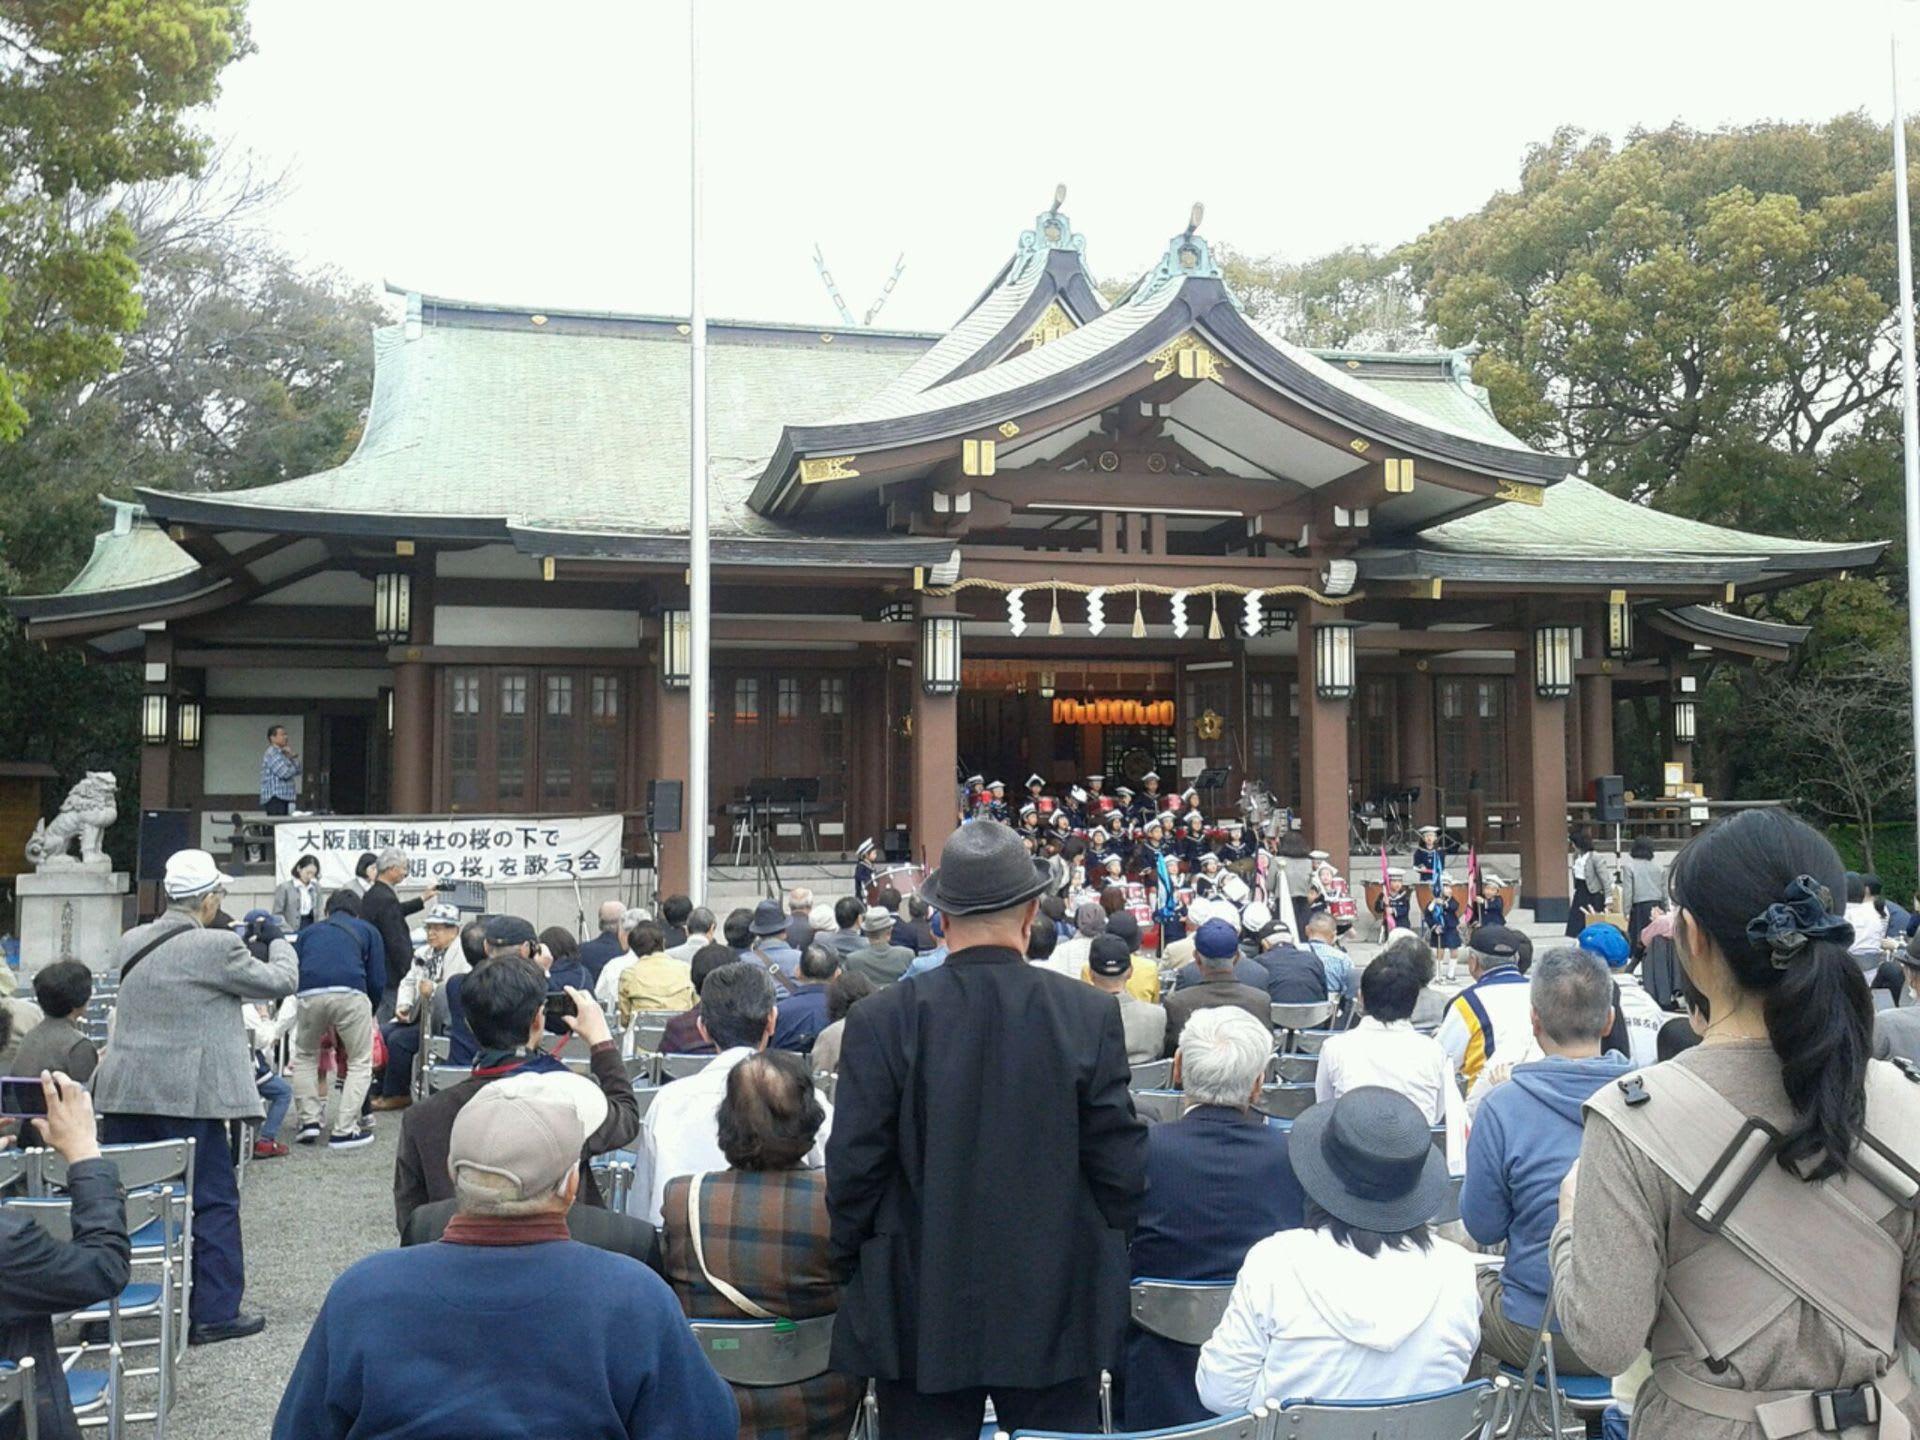 大阪護国神社での慰霊祭 - 日本...